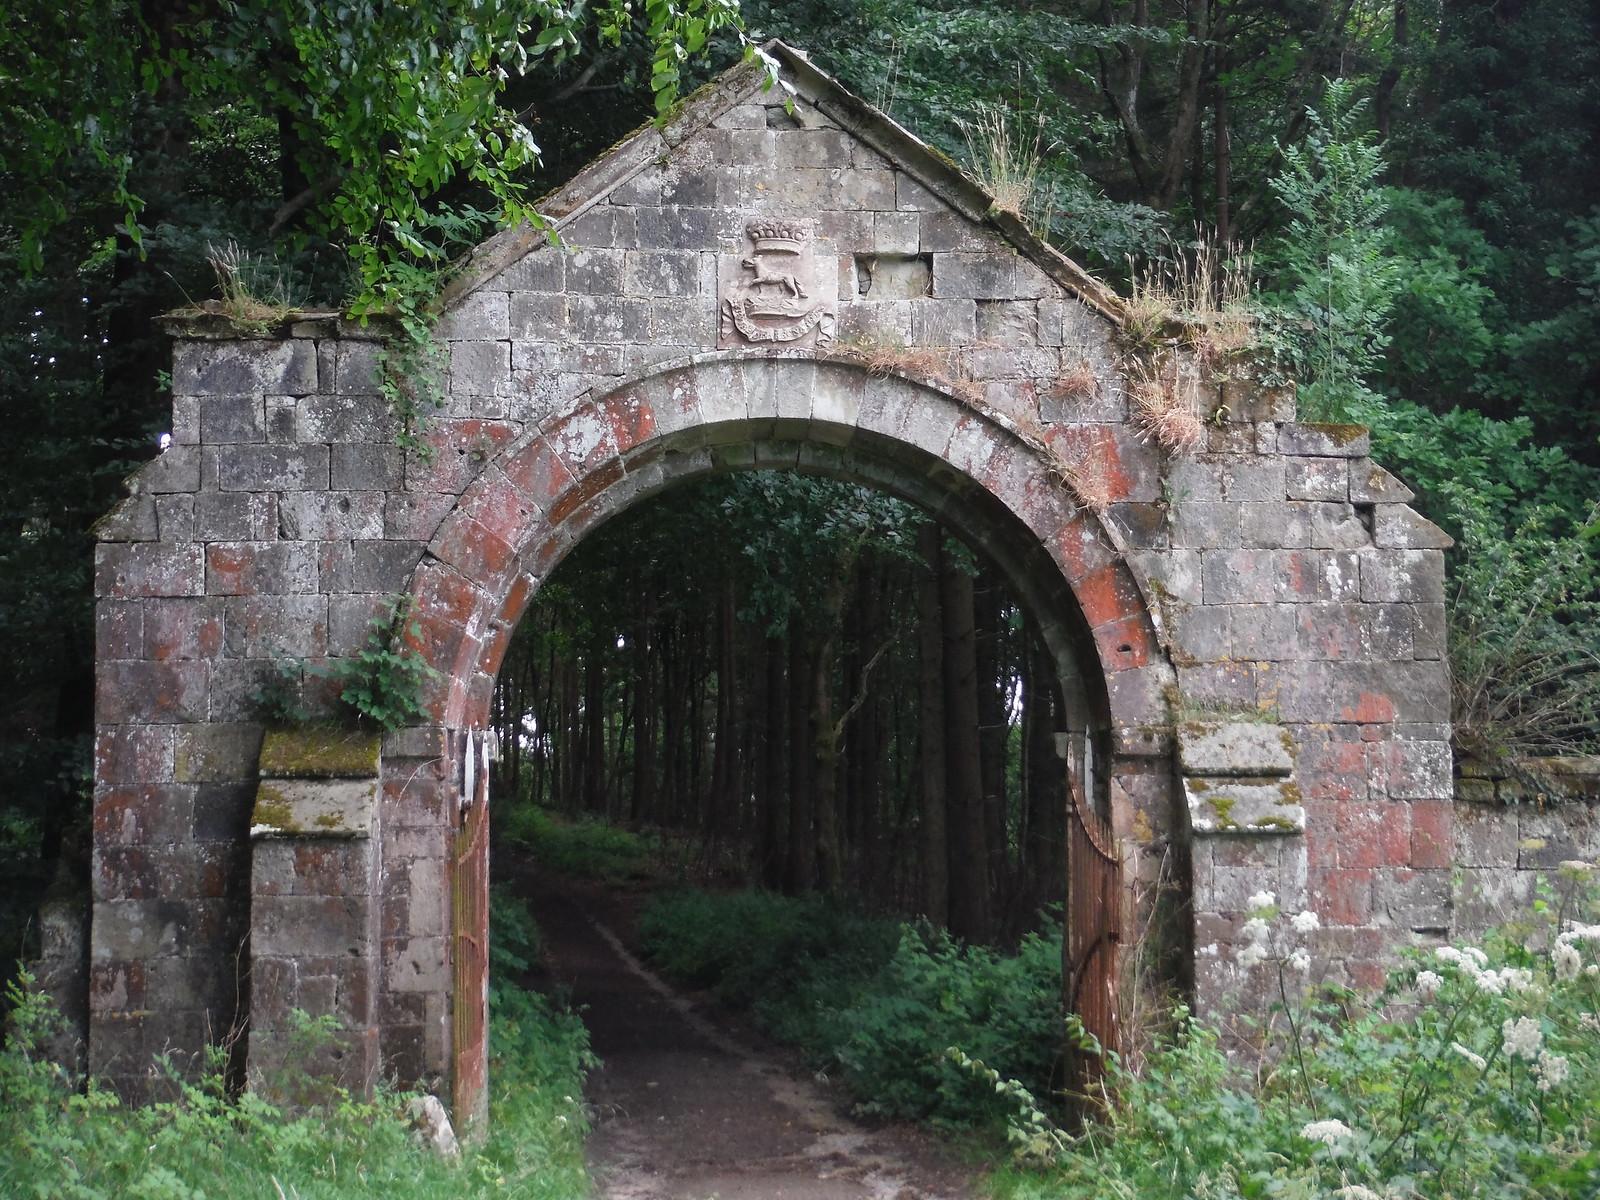 Early 19th C. ornamental arch gateway (Grade II listed) SWC Walk 252 Tisbury Circular via Donhead St. Andrew